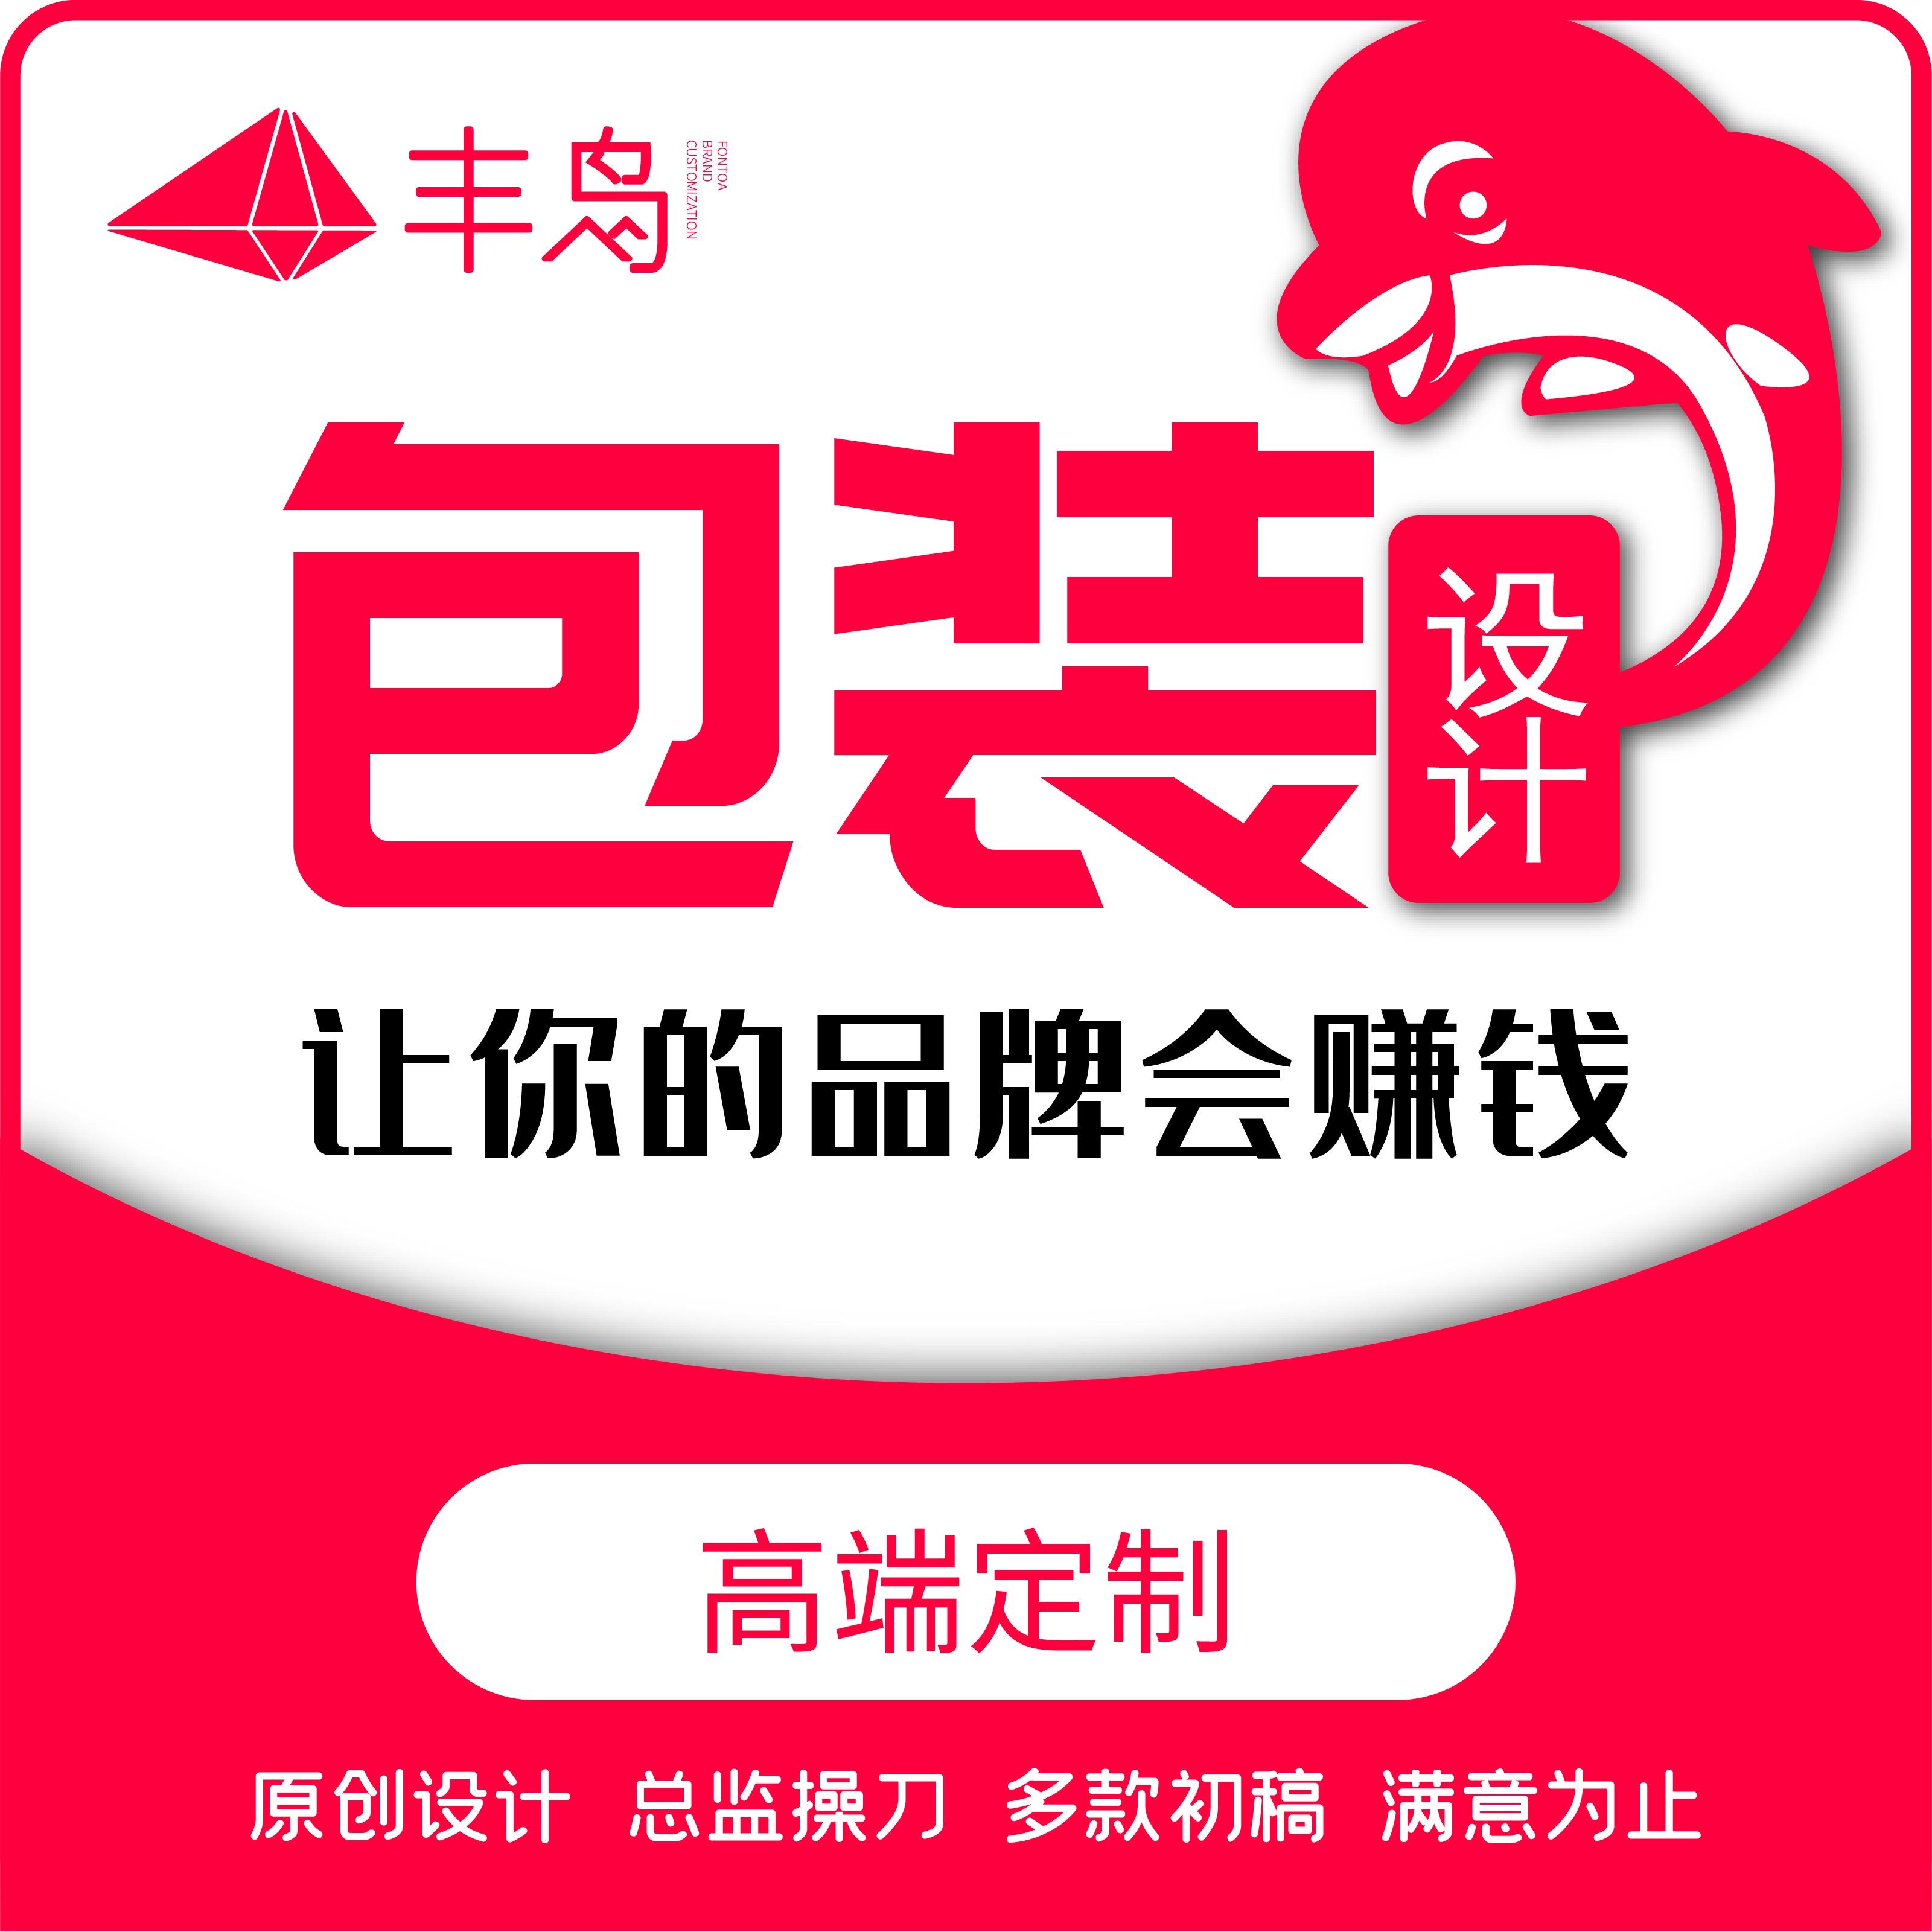 包装设计高端定制网红国潮包装盒包装袋瓶型礼盒产品电商